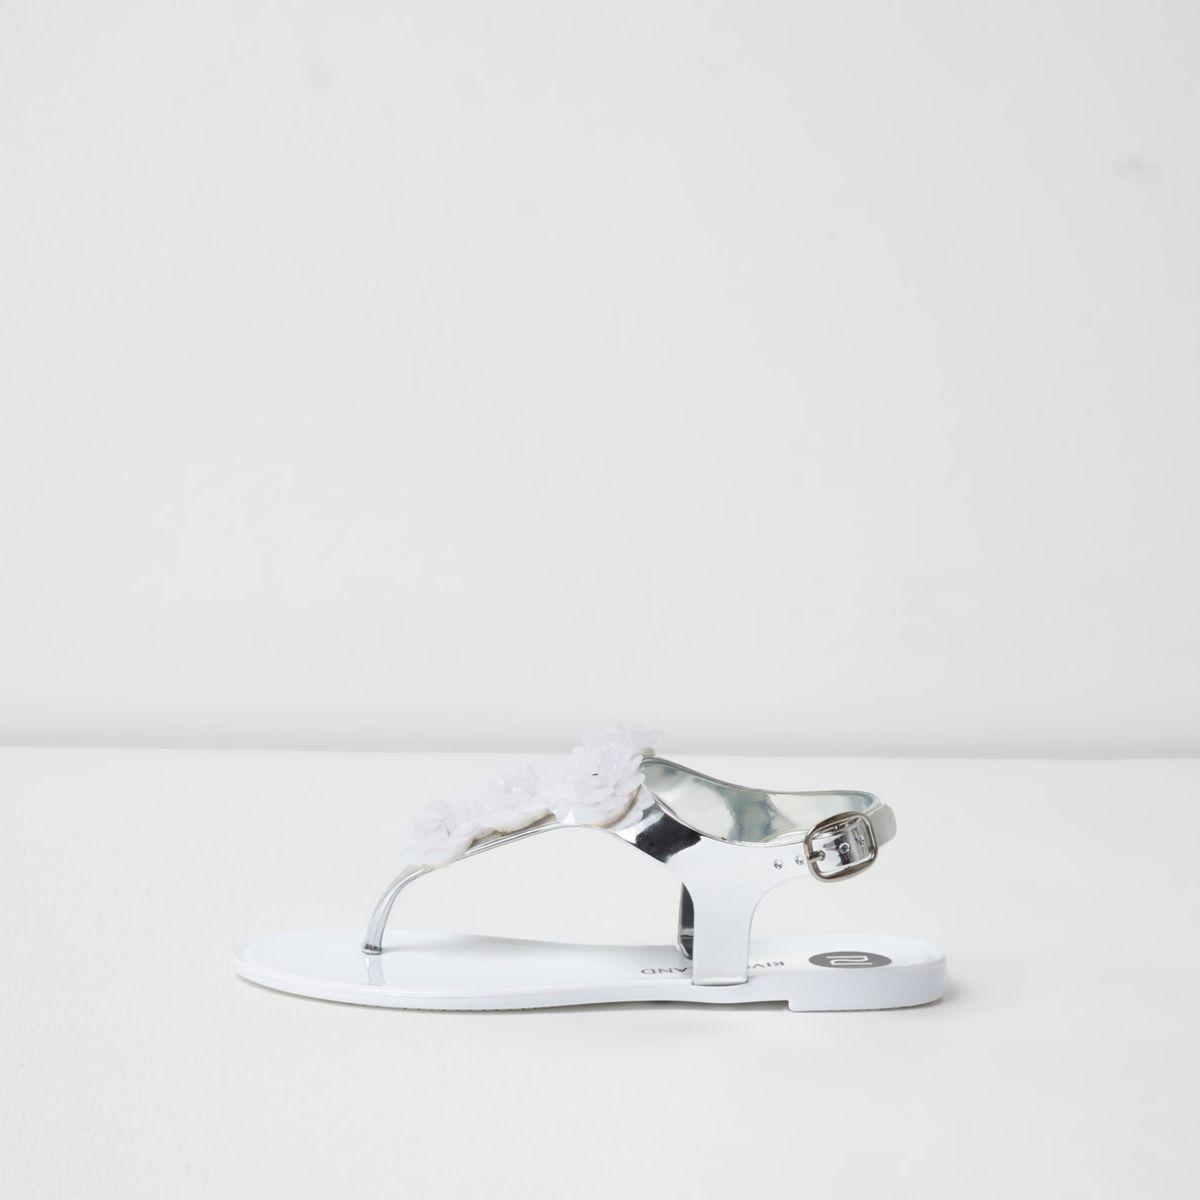 Jelly-Sandalen in Weiß und Silber mit Blumen